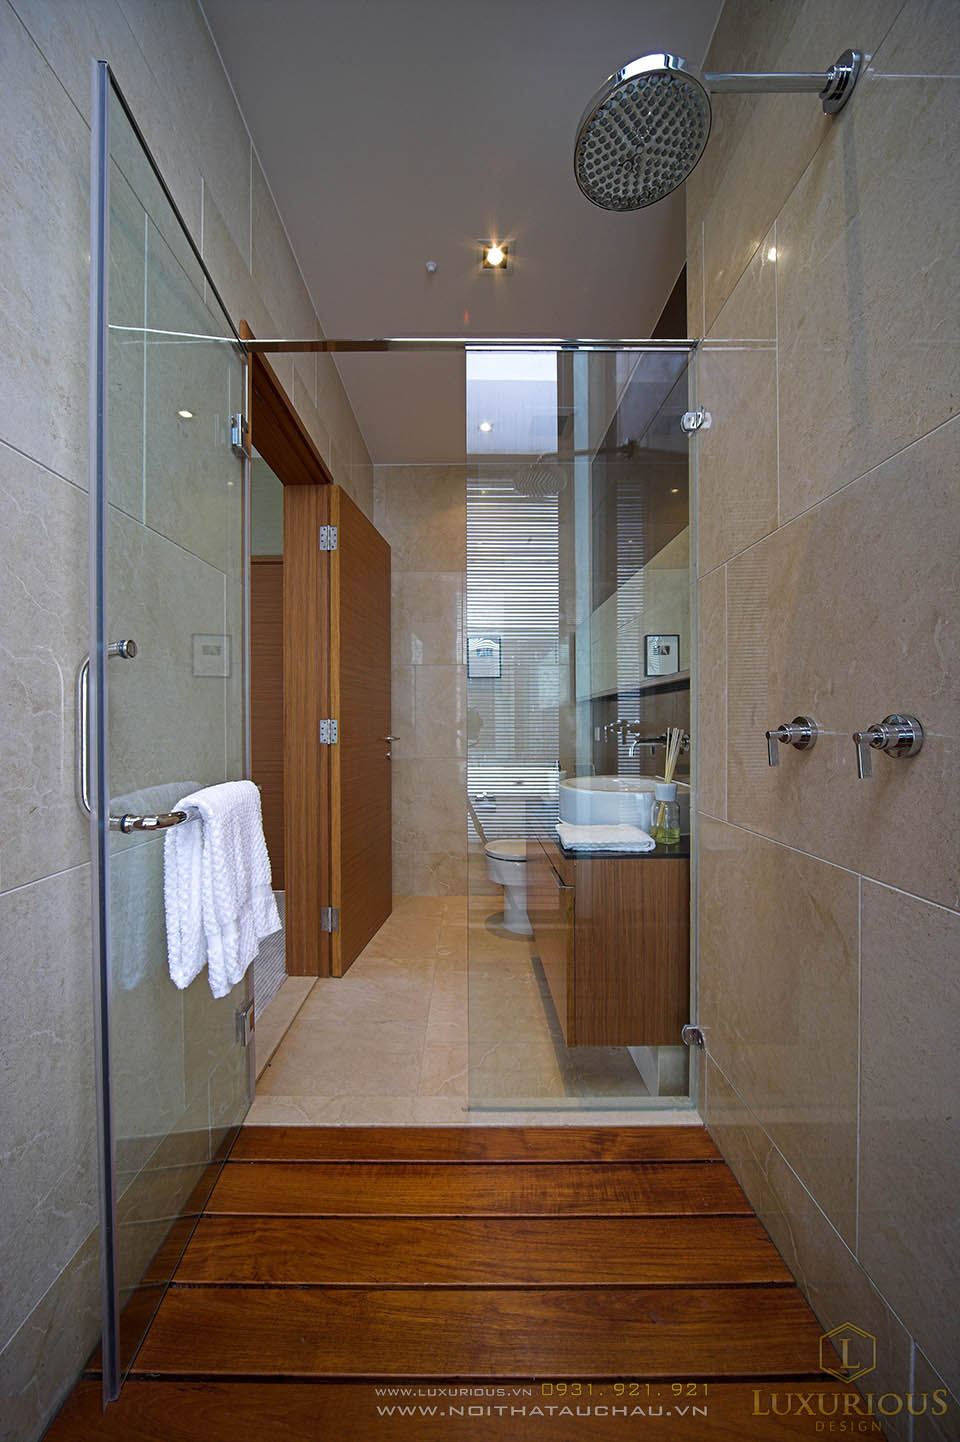 Thiết kế nhà vệ sinh nhà biệt thự hiện đại